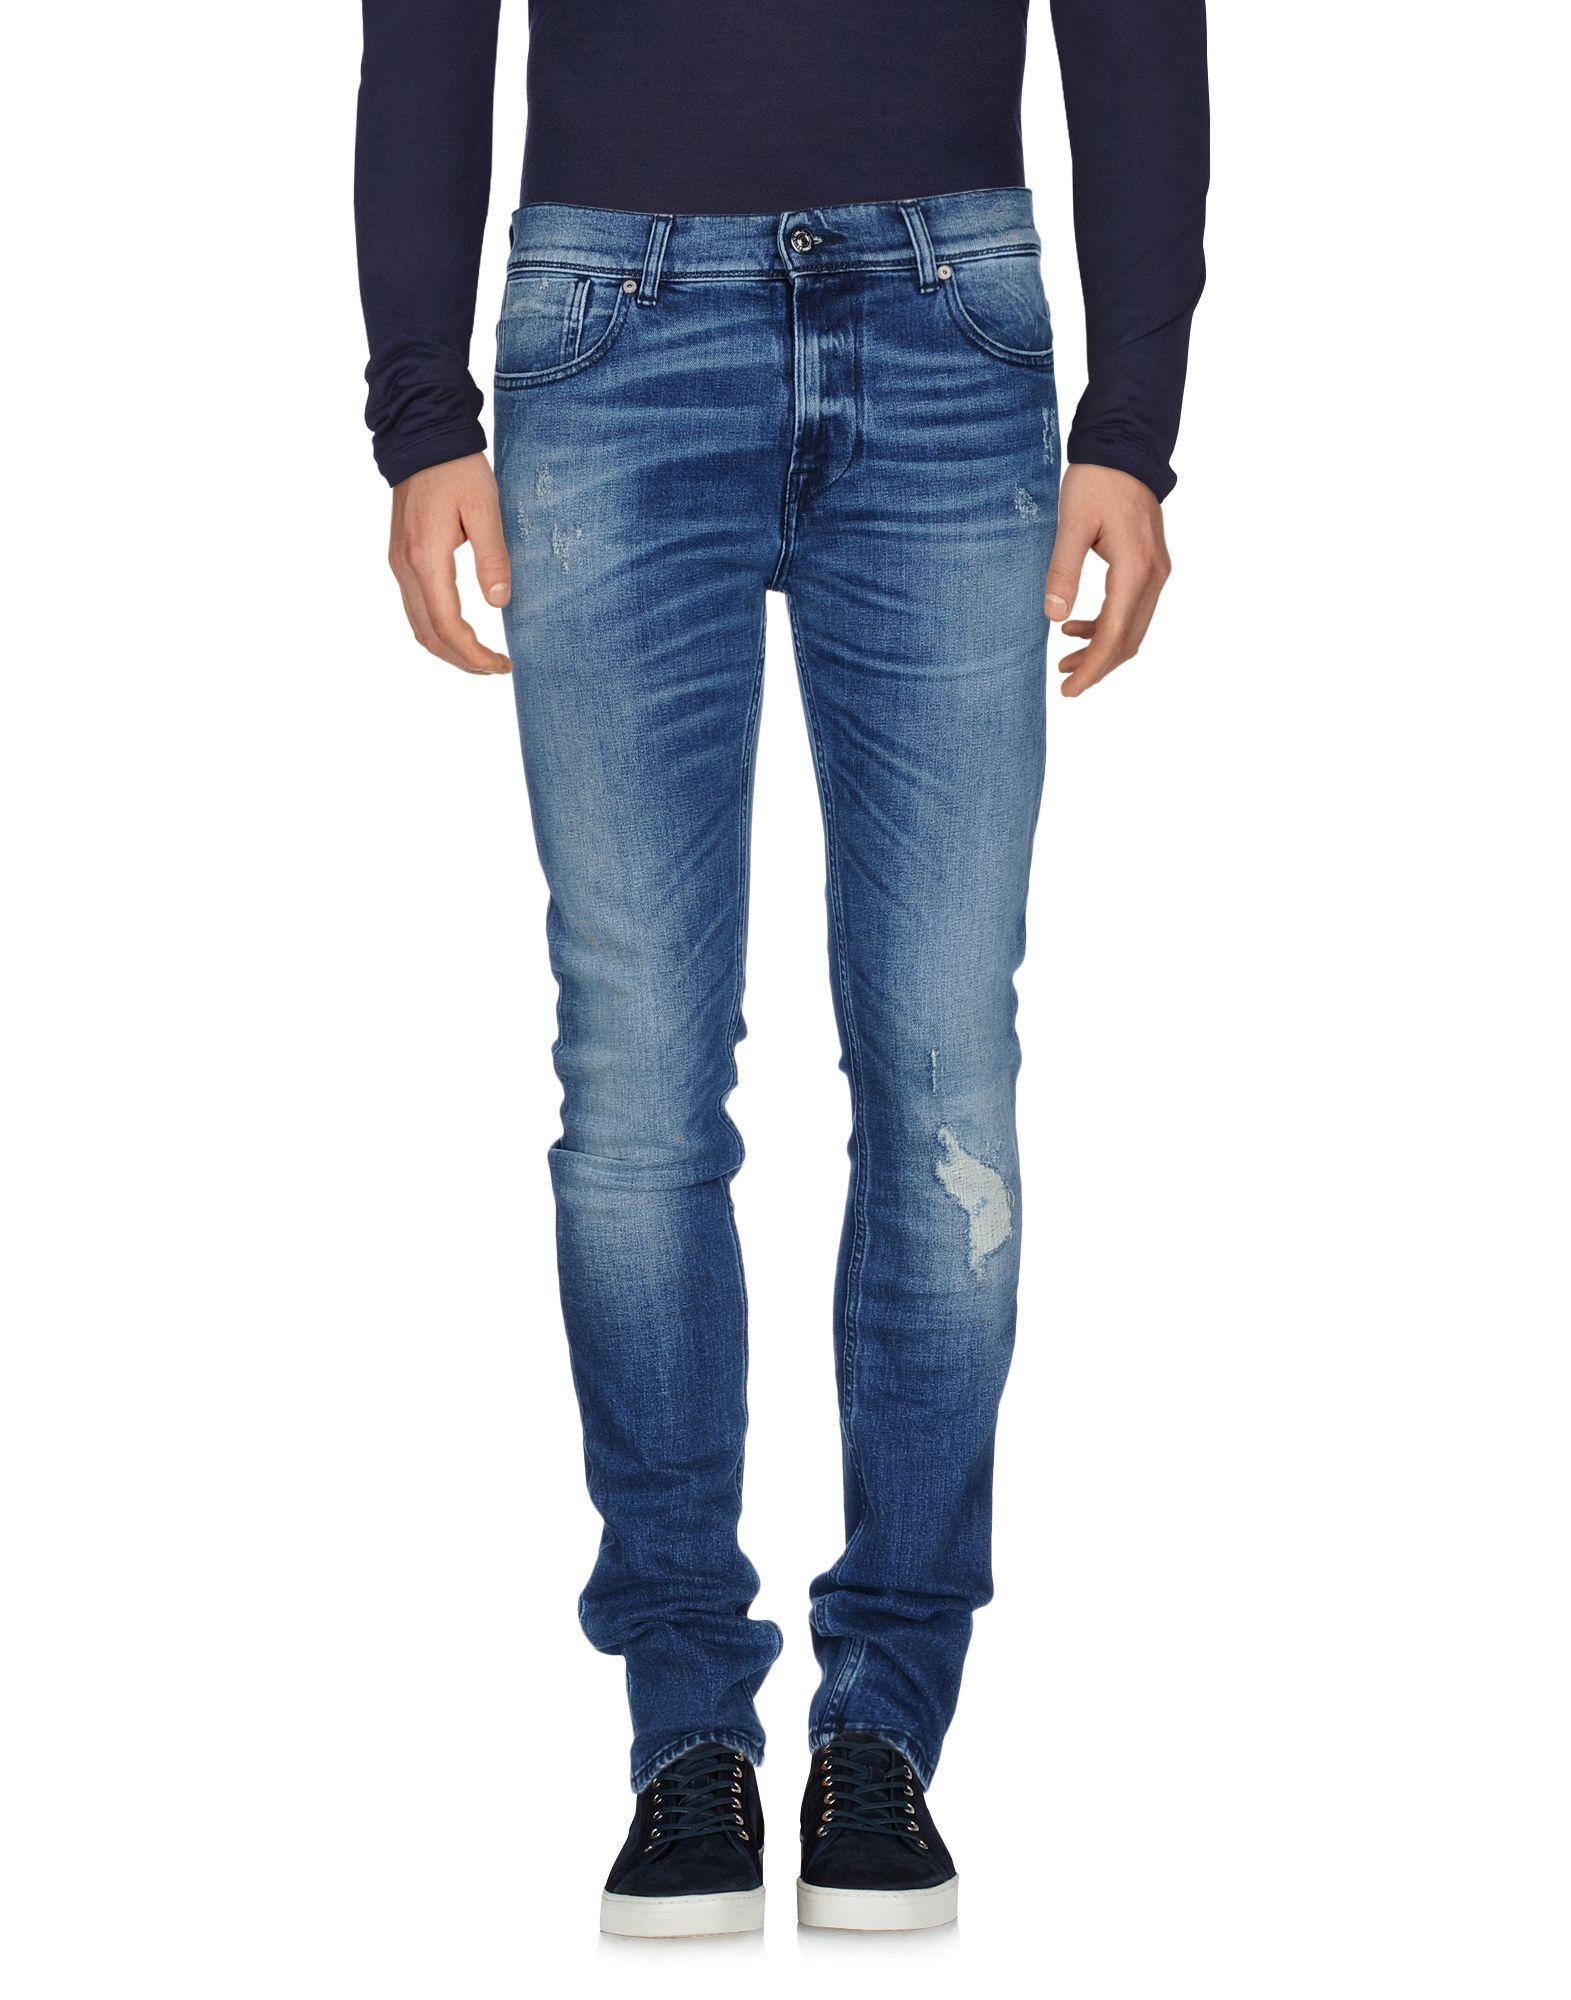 7 FOR ALL MANKIND Herren Jeanshose Farbe Blau Größe 6 jetztbilligerkaufen